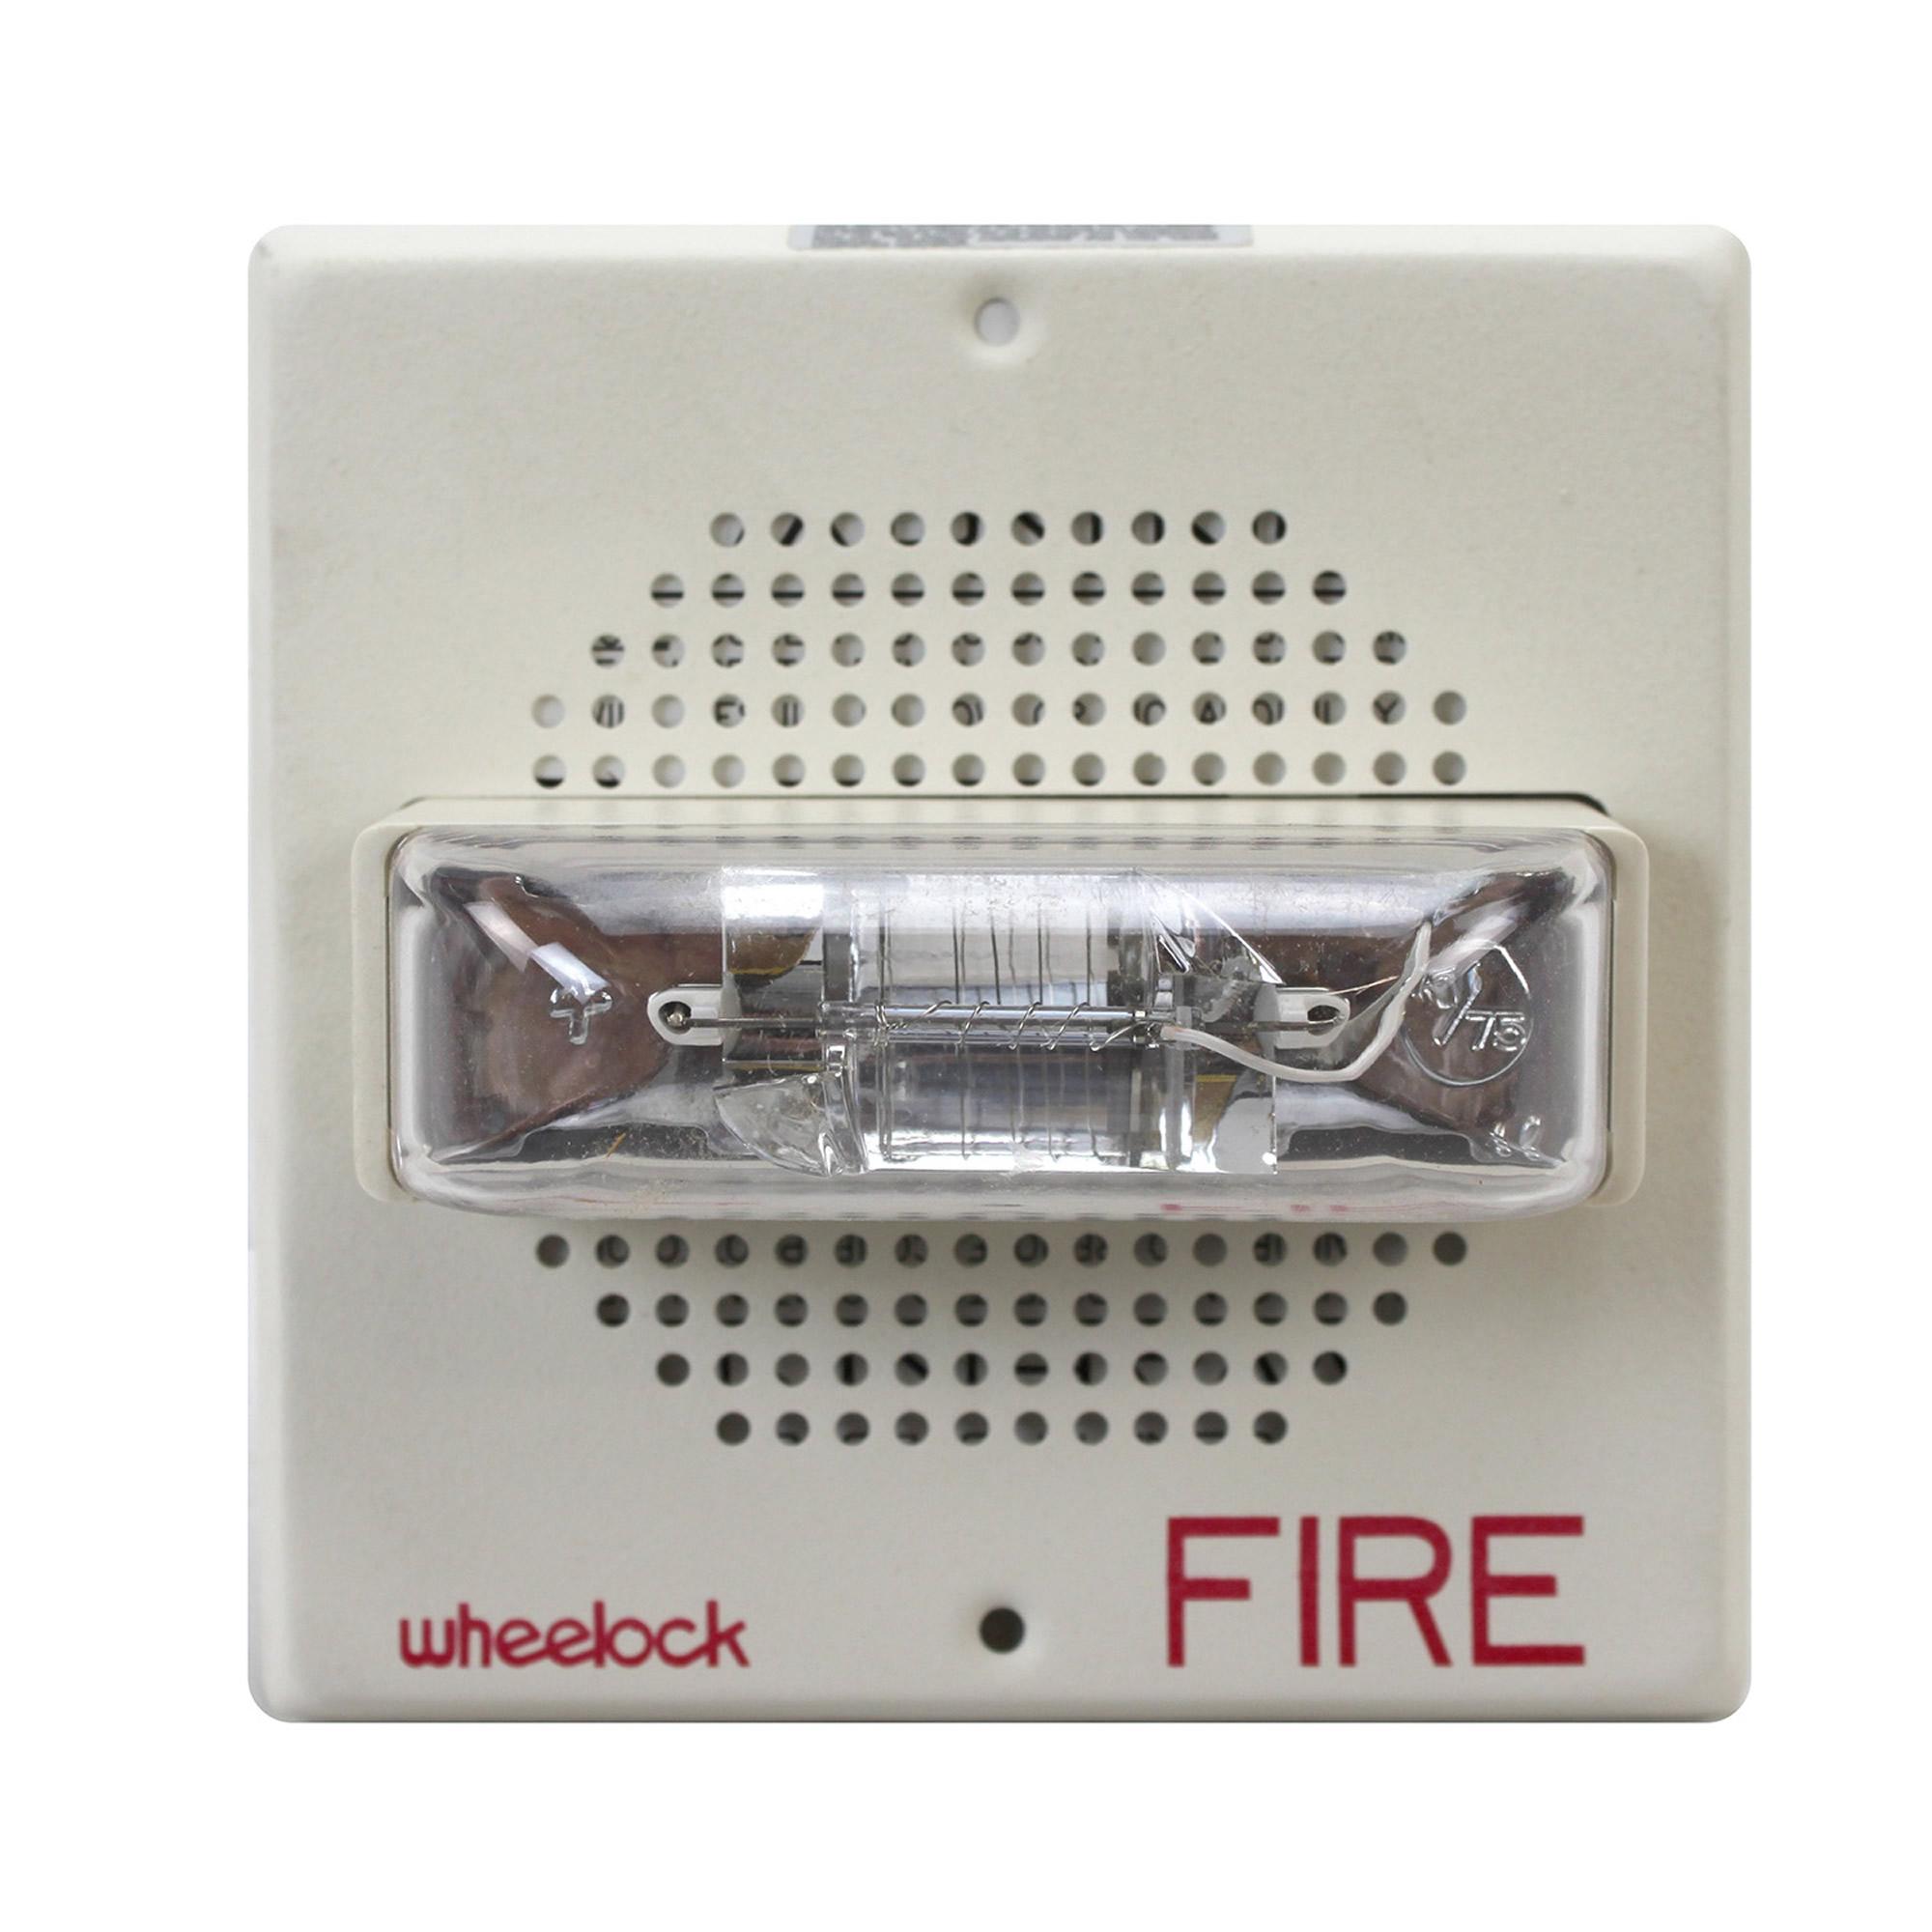 Wheelock E-70-Is-24-Vfr 24Vdc Fire Alarm Speaker Strobe ...  |Wheelock Fire Alarm Horn Strobe